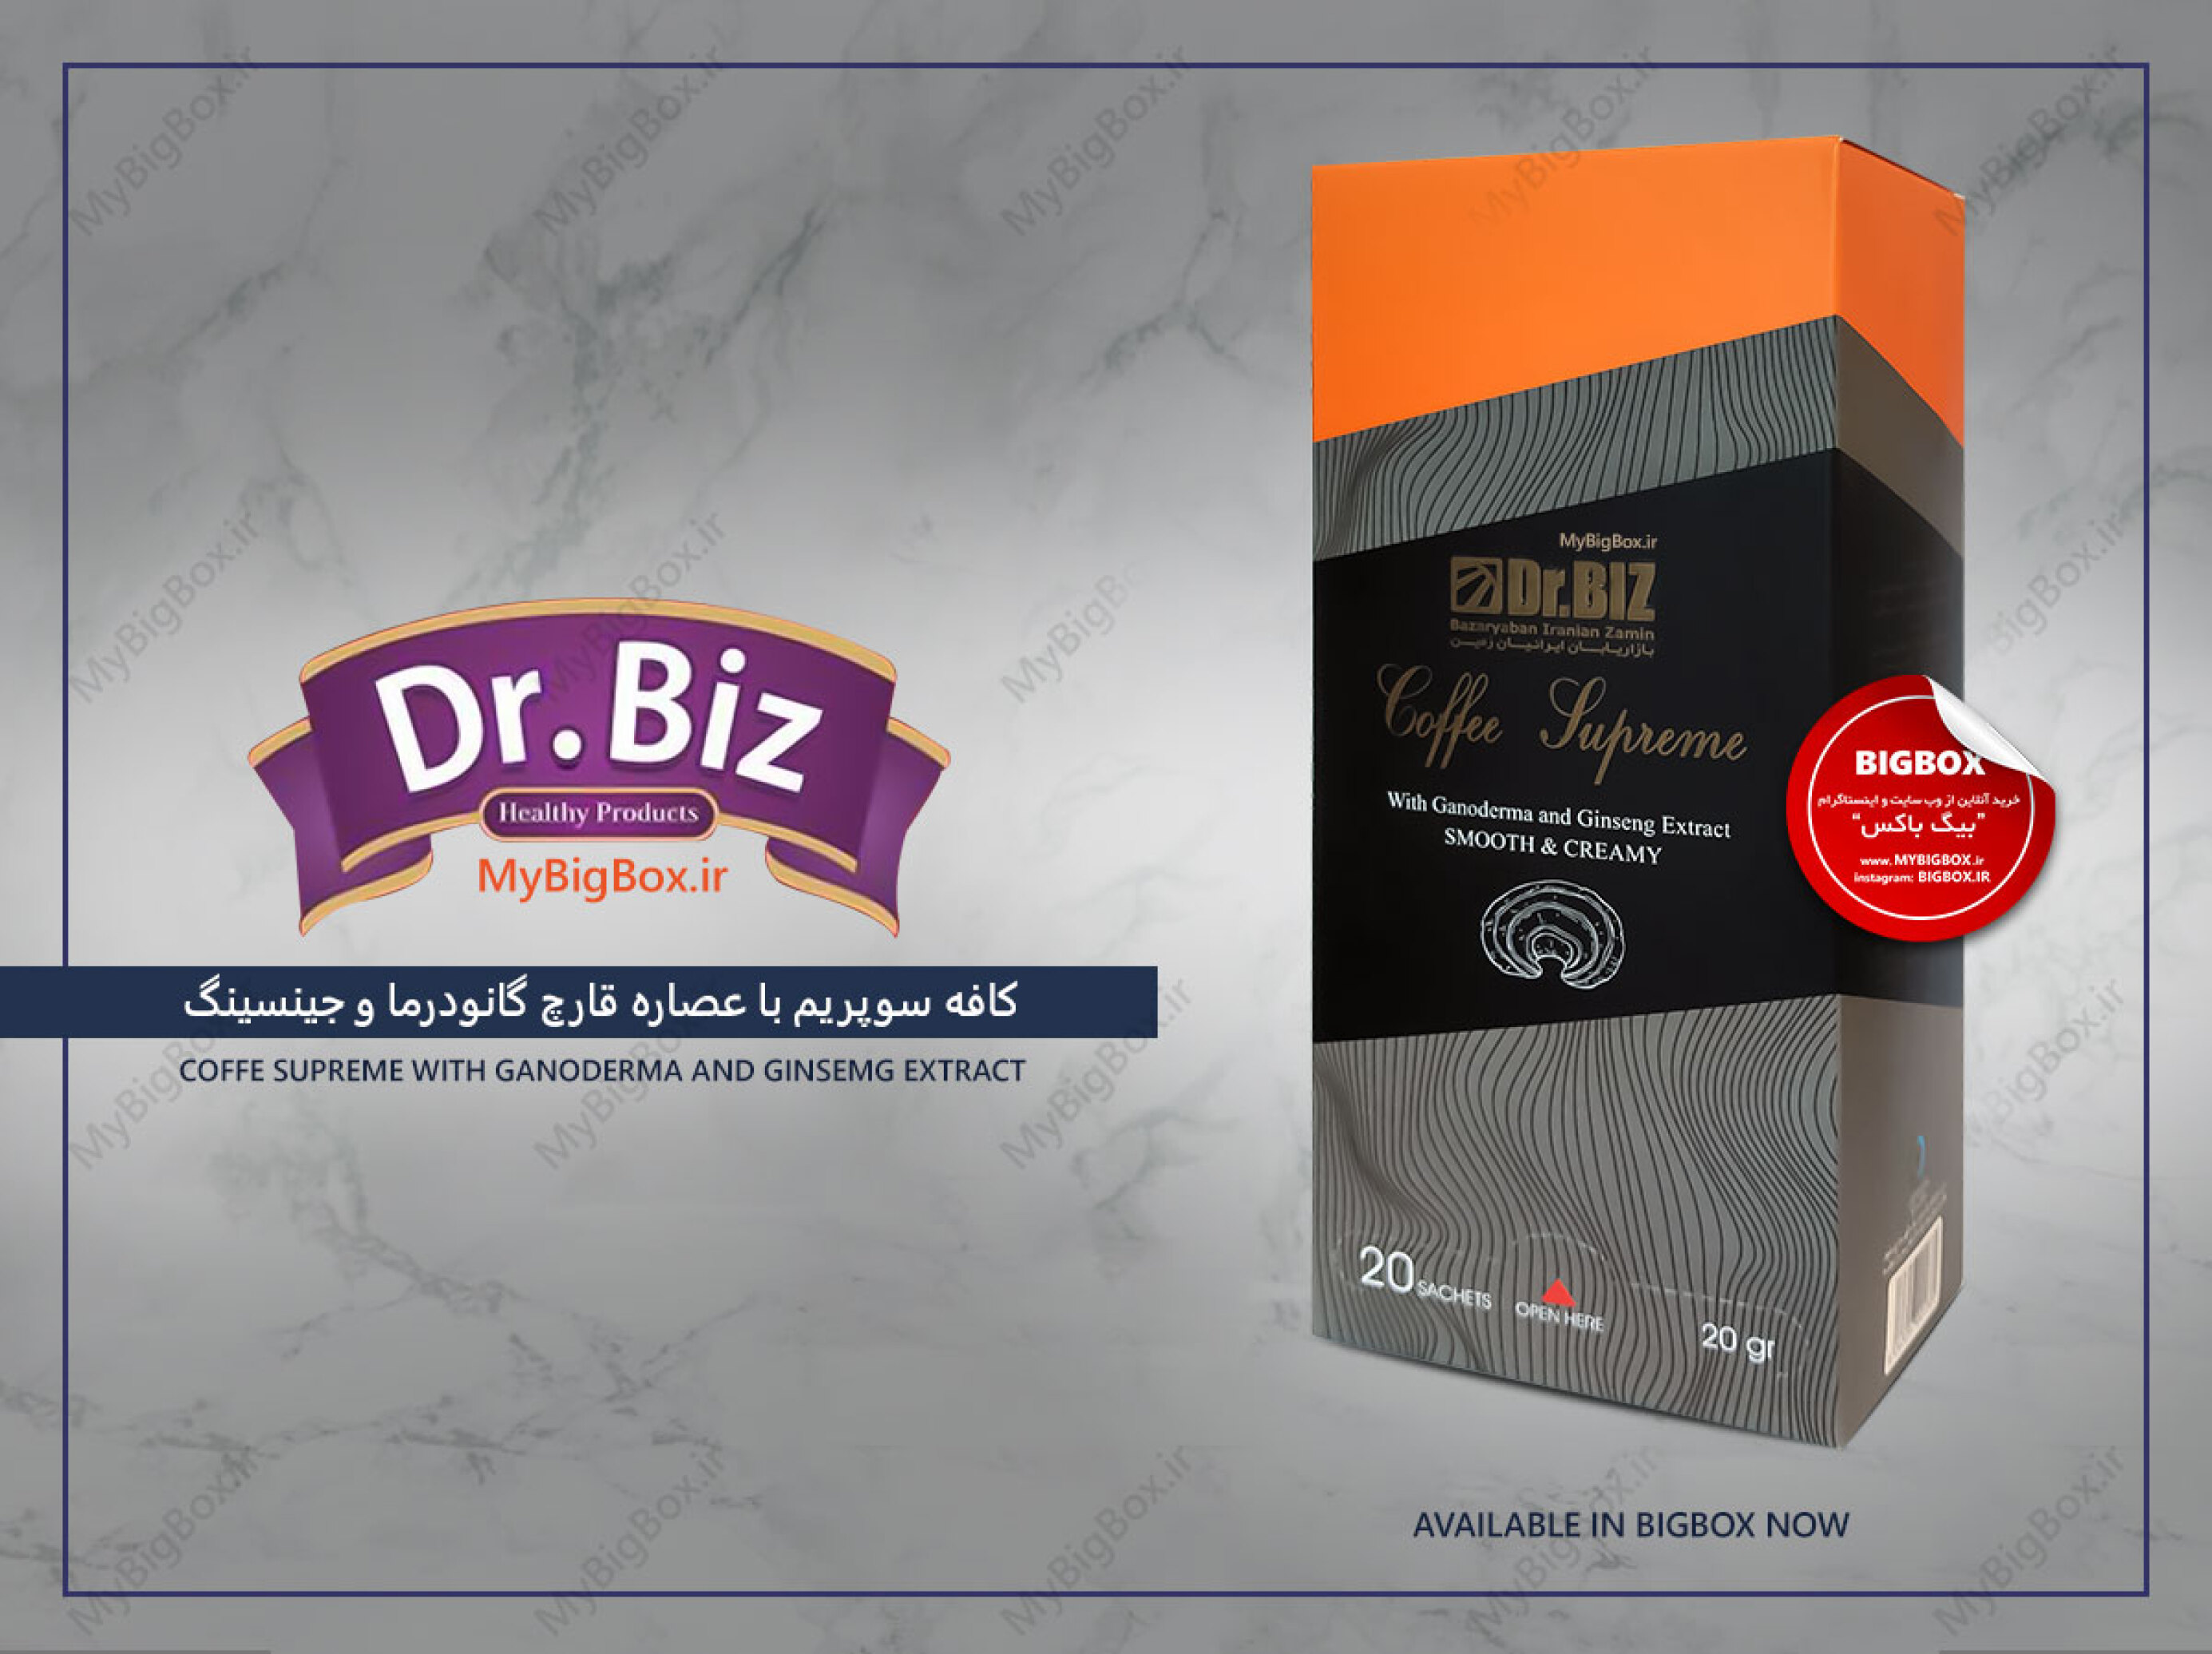 قهمه سوپریم گانودرما . جینسینگ دکتر بیز - بسته 20 عددی Dr.Biz Coffee Supreme